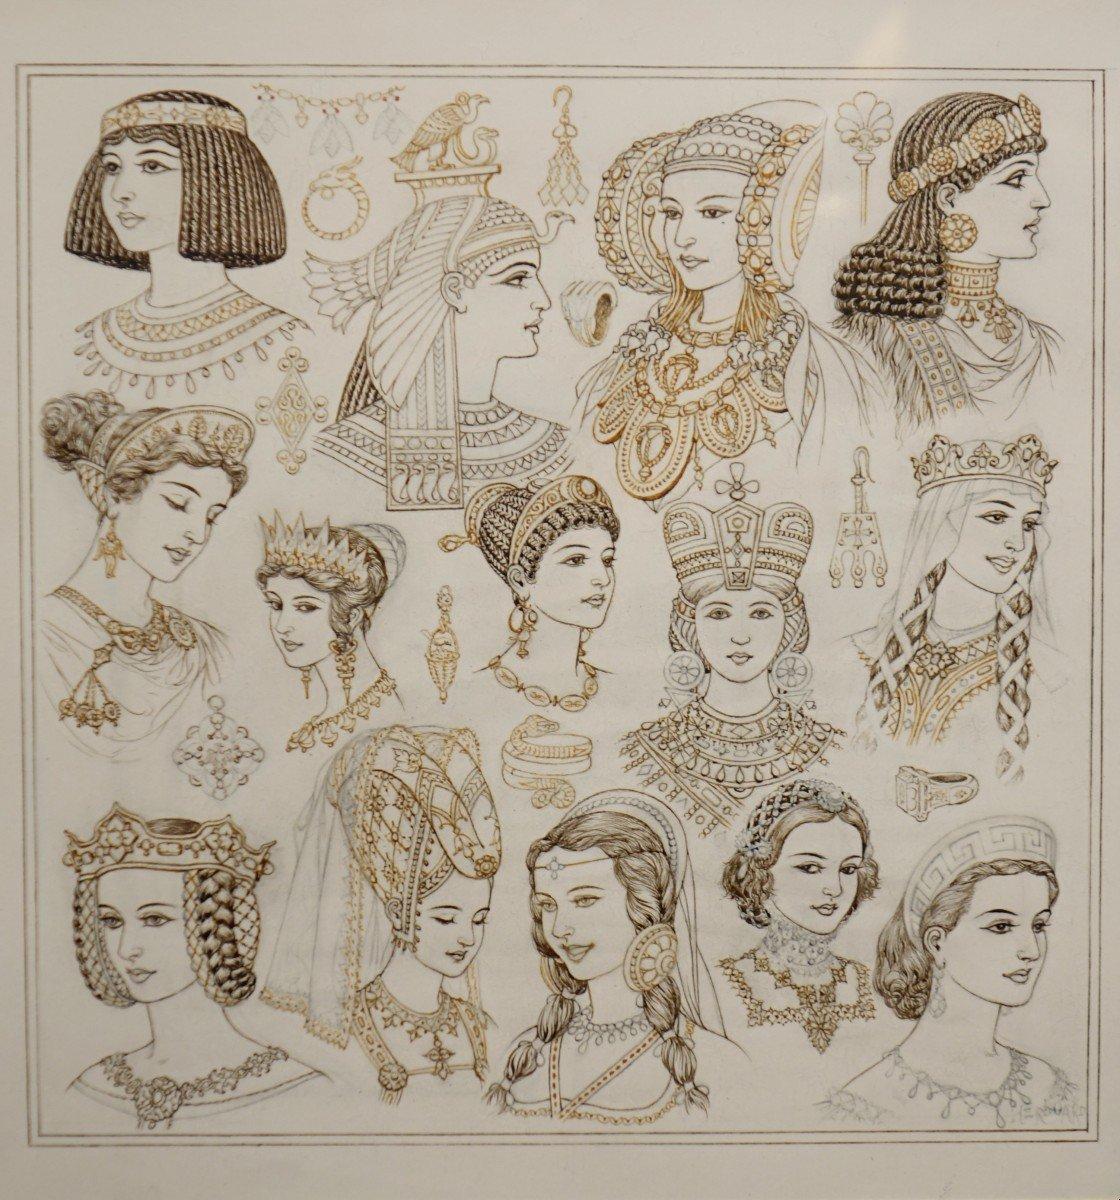 Portraits De 14 Reines Ou Impératrices, Encre Brune Et Sépia,signé Herouard, Vers 1925.-photo-2